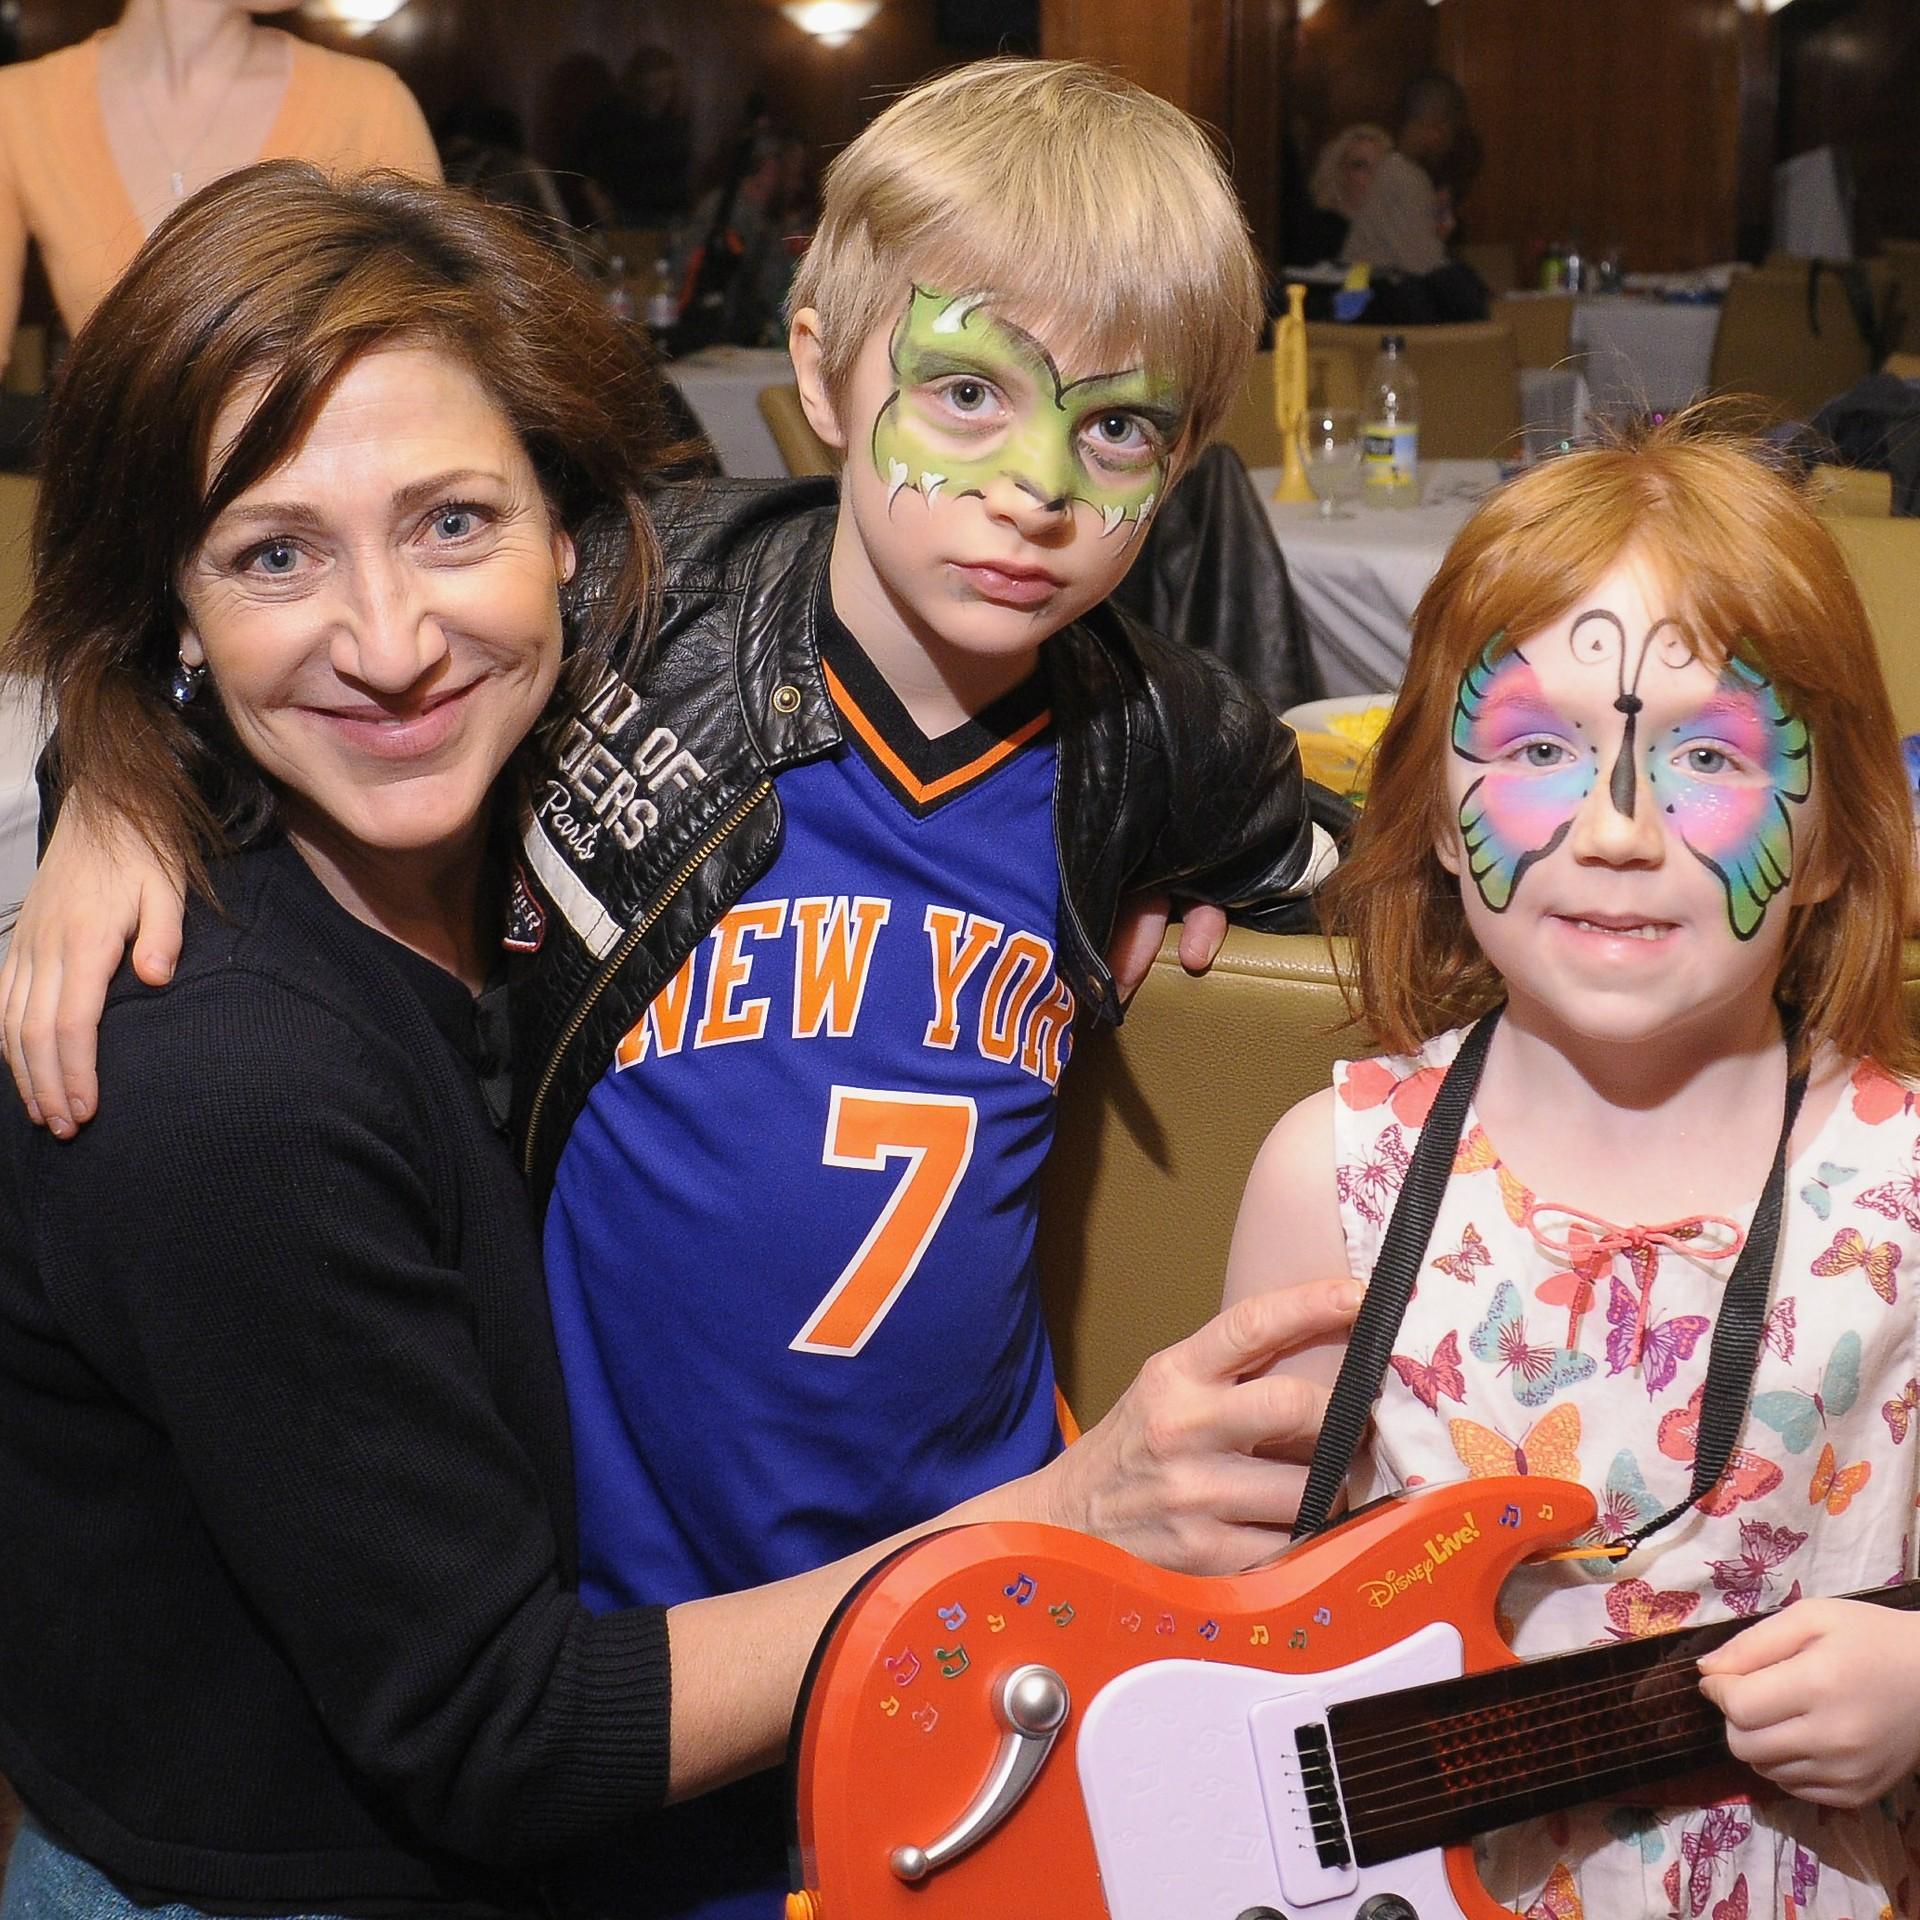 A atriz Edie Falco é quem cria os filhos, Anderson e Macy. (Foto: Getty Images)